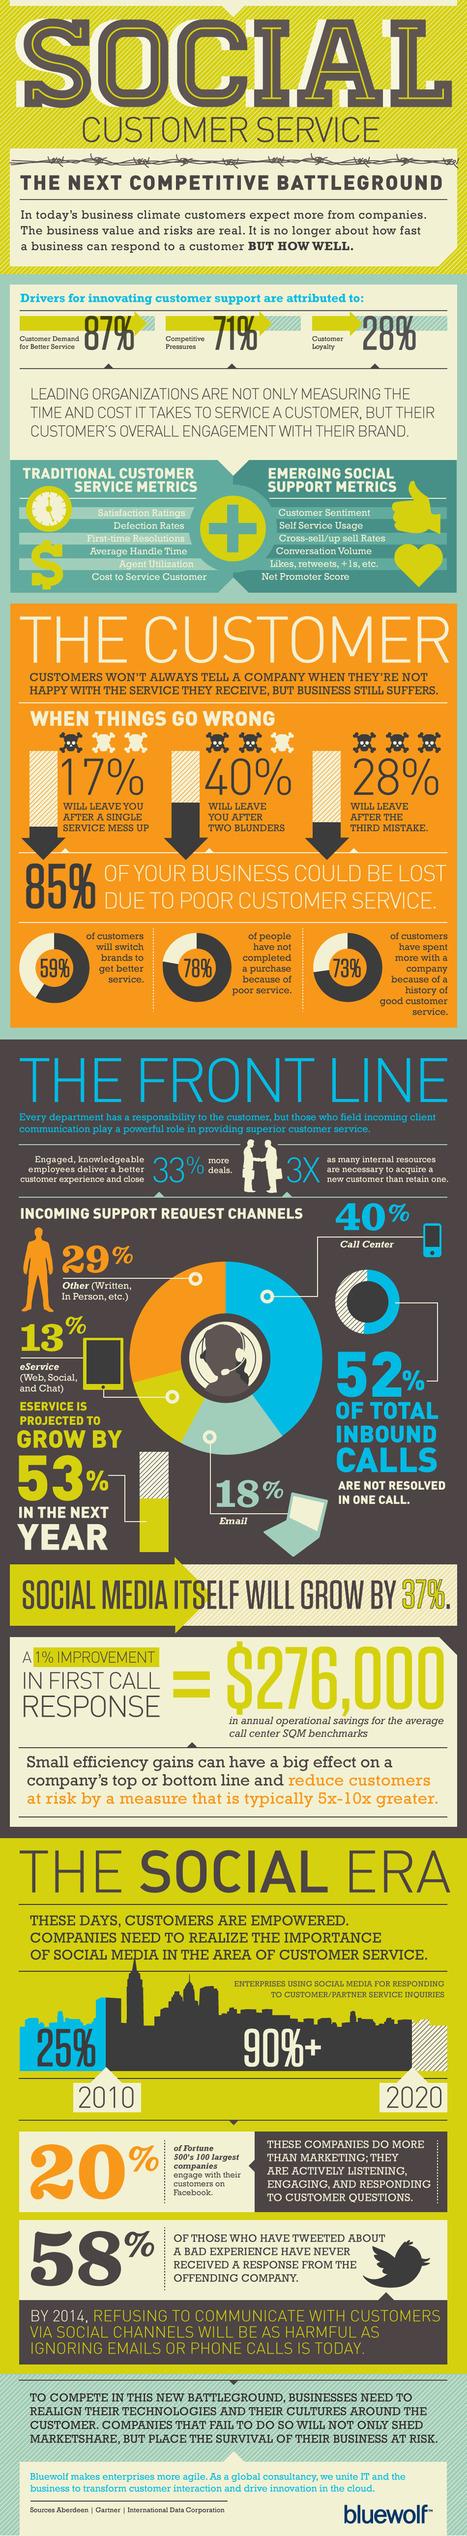 Service client et médias sociaux, un impératif de la relation client digitale | Commerce digital | Scoop.it